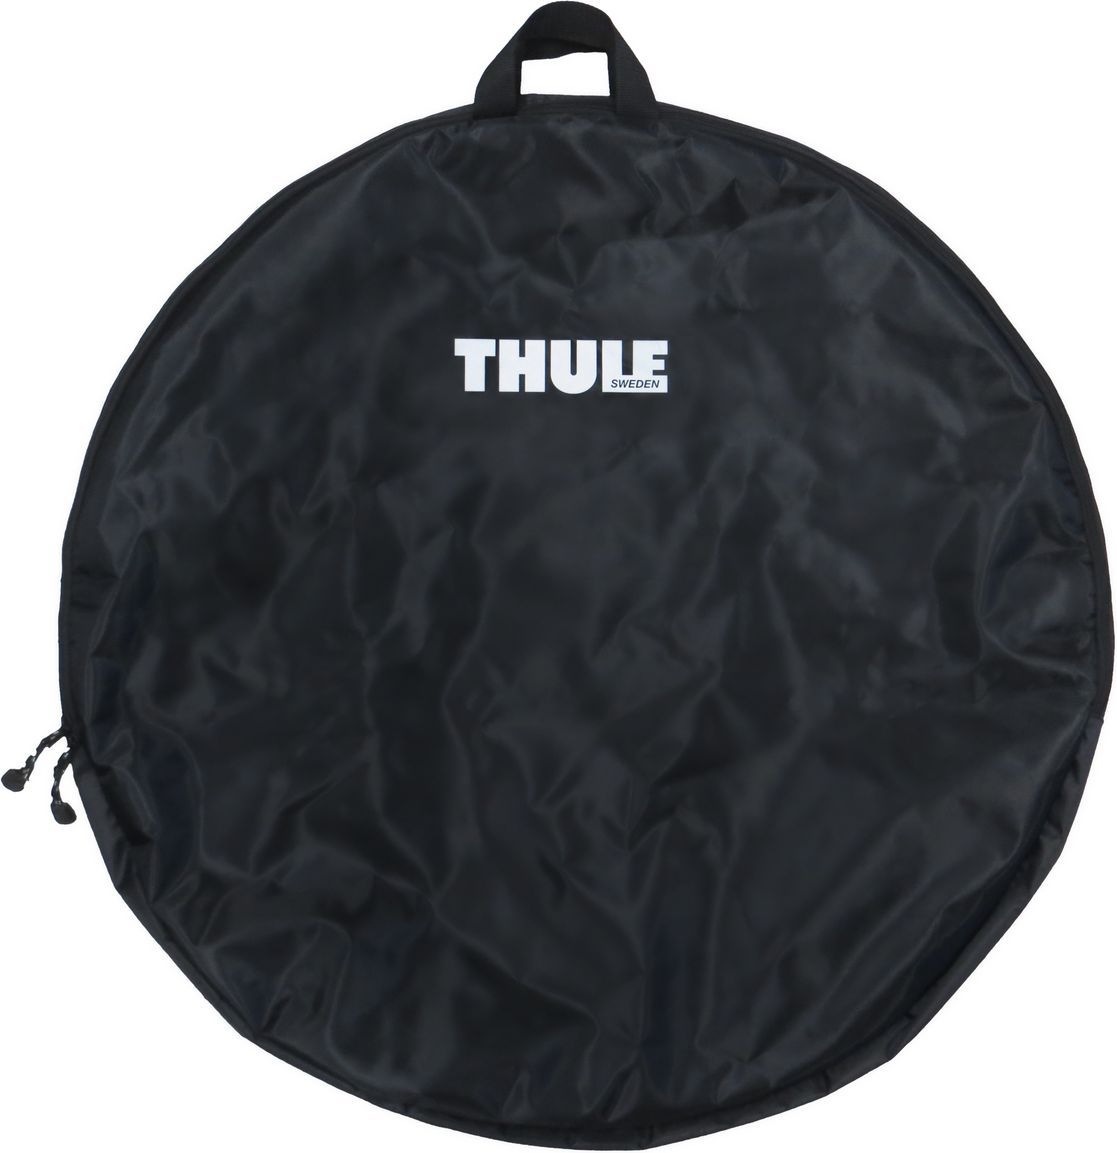 Чехол для велоколеса Thule, размер XL. 563563Чехол для колес Thule 563 XL - Специально спроектированная, высококлассная сумка для передних колес.